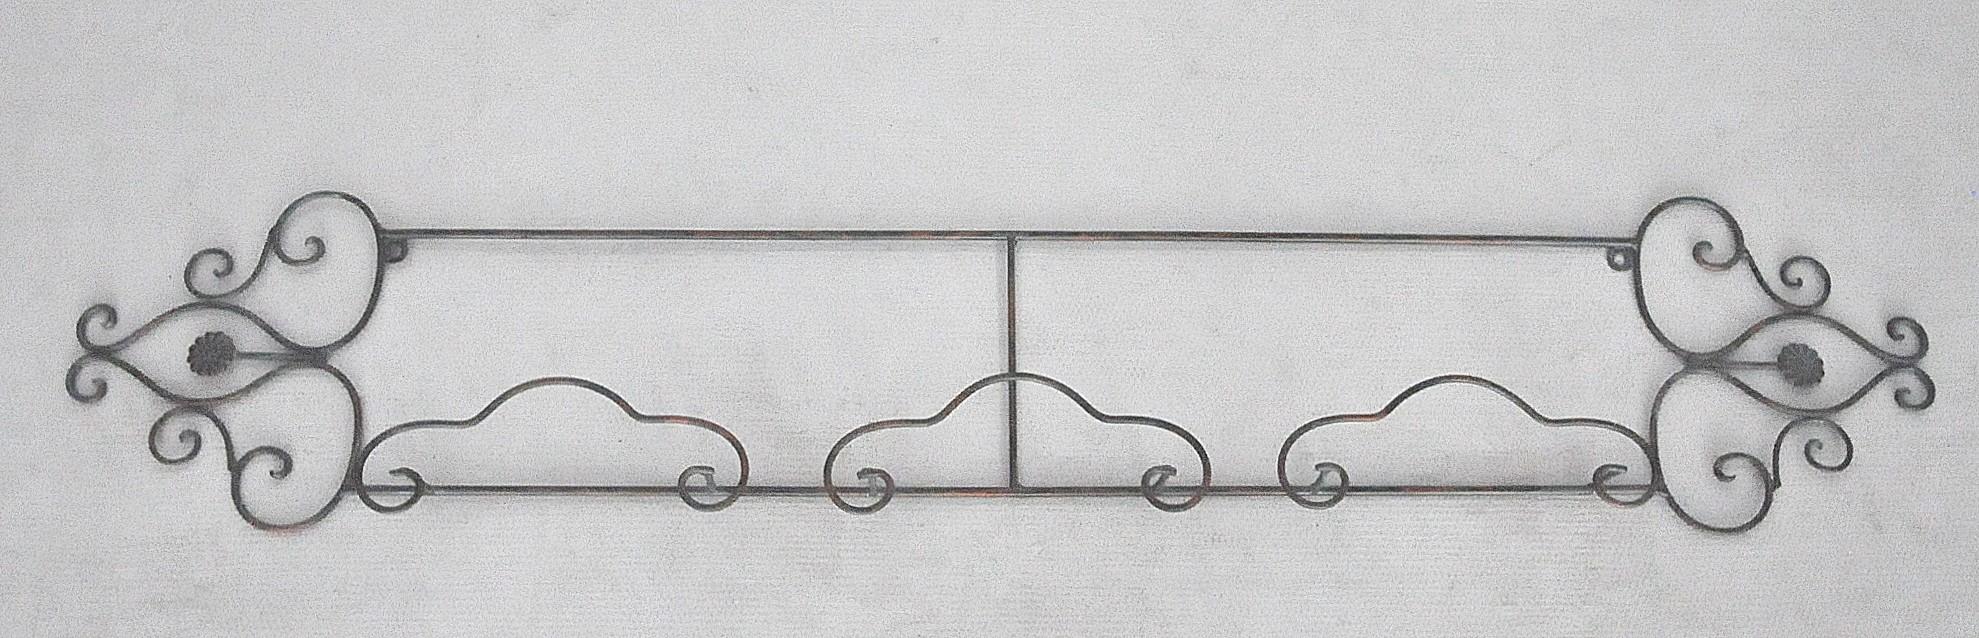 Porte assiettes en fer forg grand model demeure et jardin for Model porte en fer forge